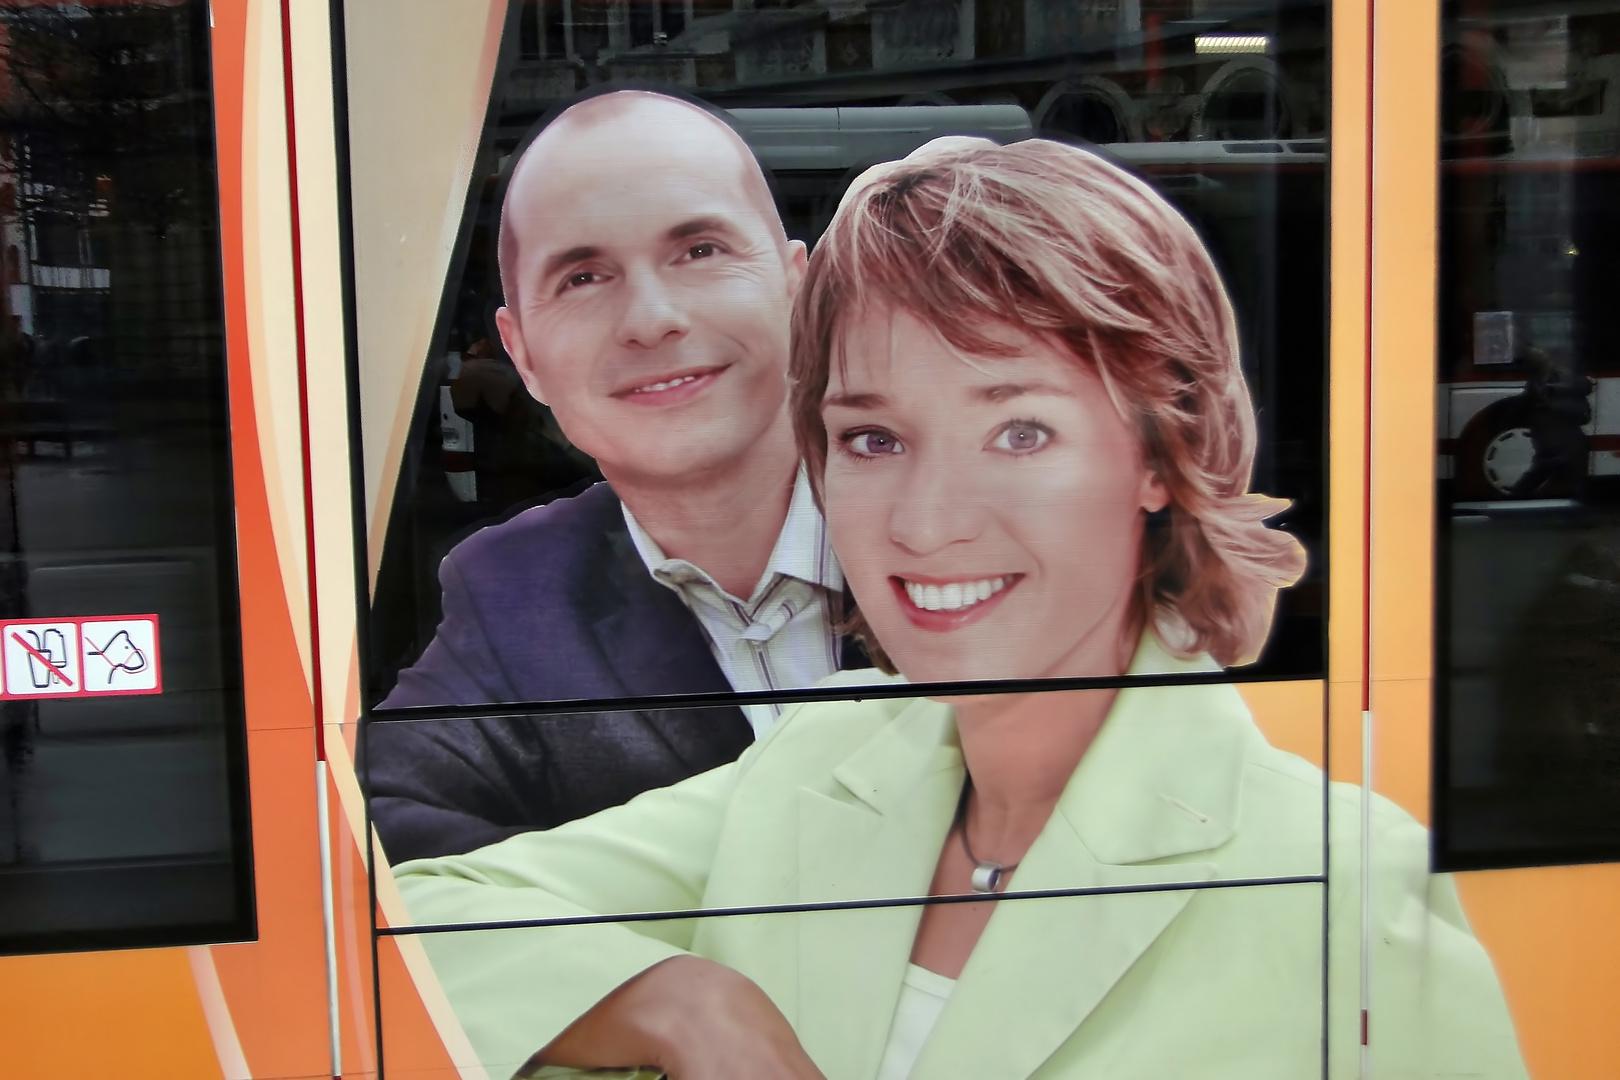 Hinter dem Straßenbahnfenster gesehen